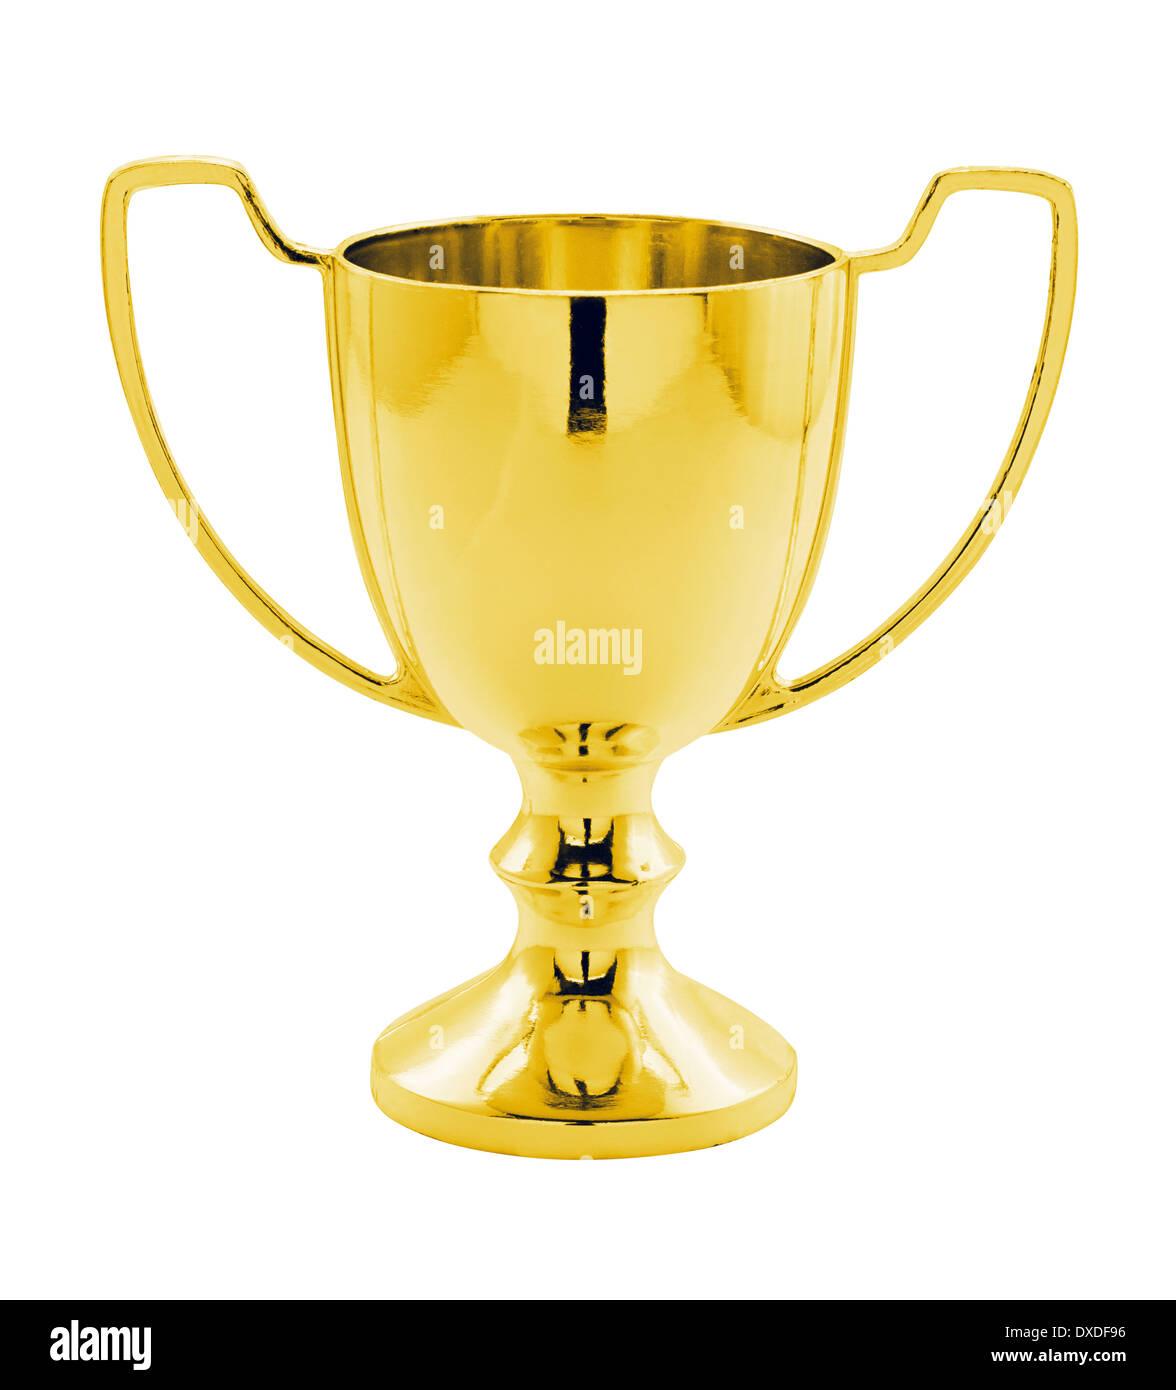 Un oro vincitori del trofeo contro uno sfondo bianco grande concetto per la realizzazione, il successo o il vincitore di una competizione o di aggiudicazione. Immagini Stock